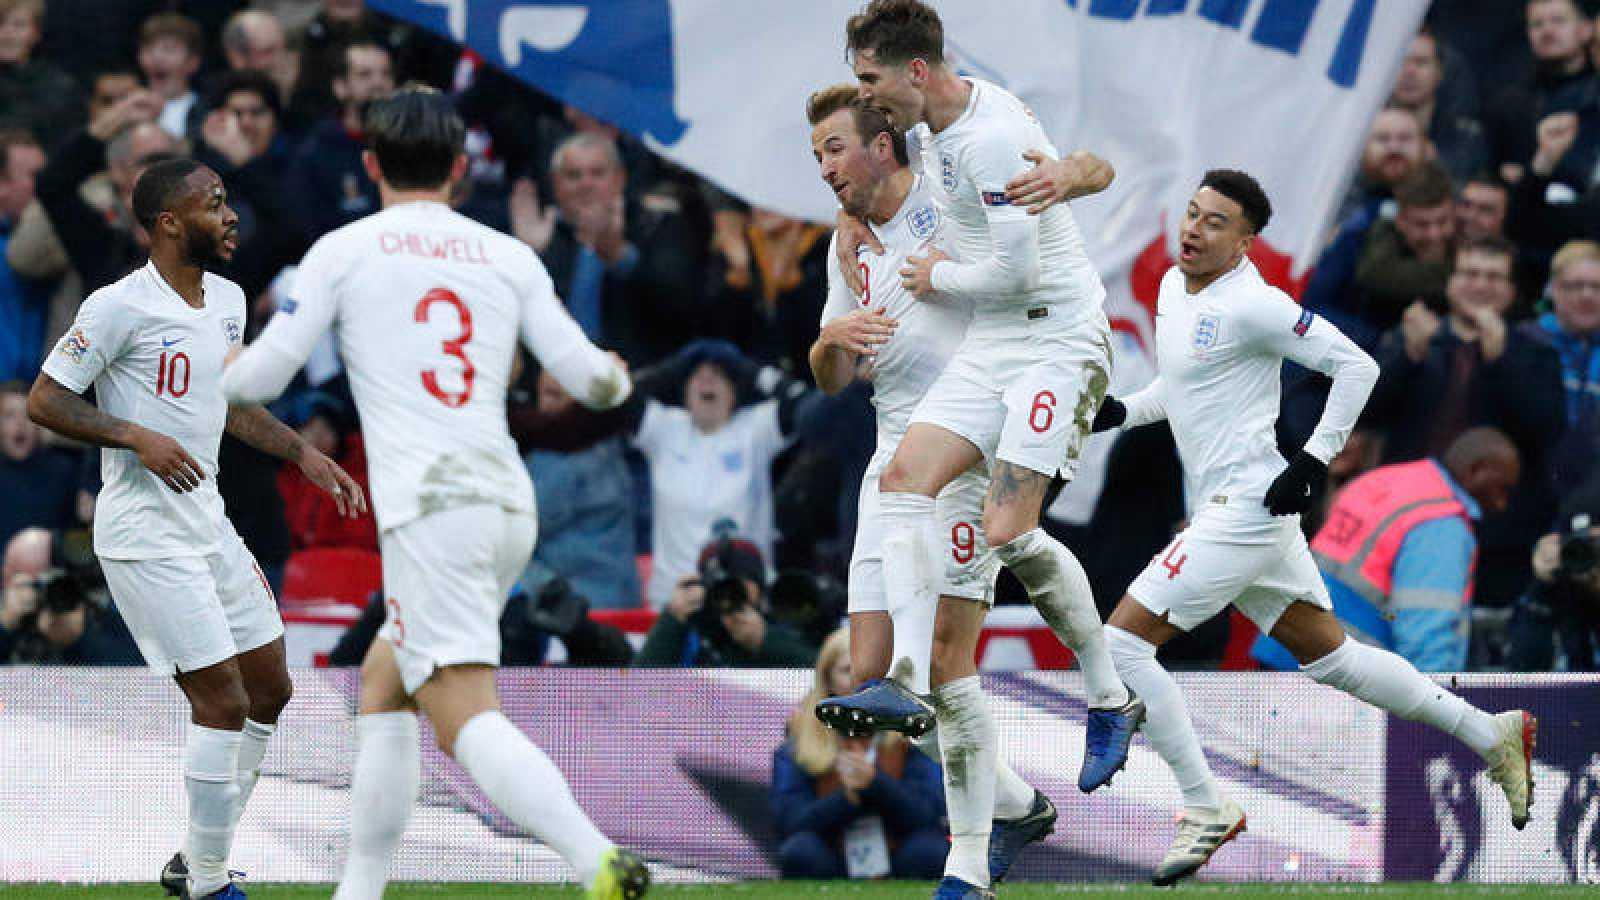 El gol de Kane ha metido a Inglaterra en la Final Four y ha dejado a España fuera.